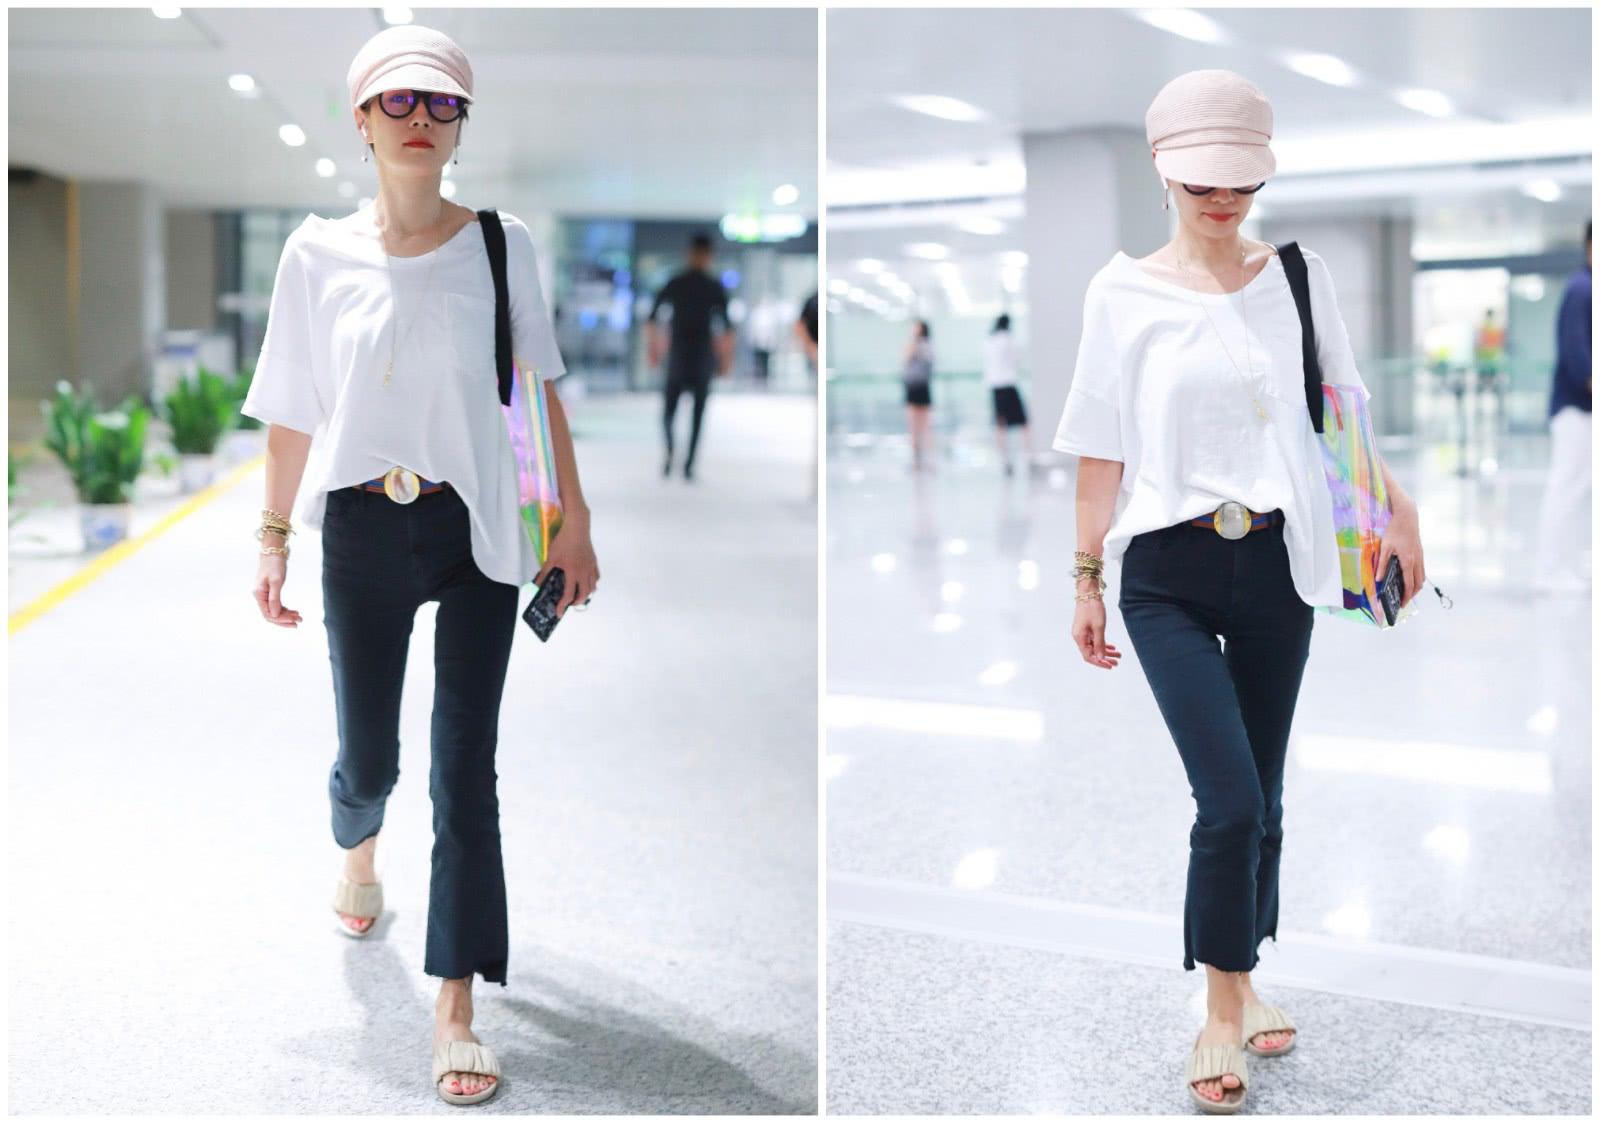 马伊琍不受离婚影响,现身机场穿得低调又帅气,双腿更是纤细修长